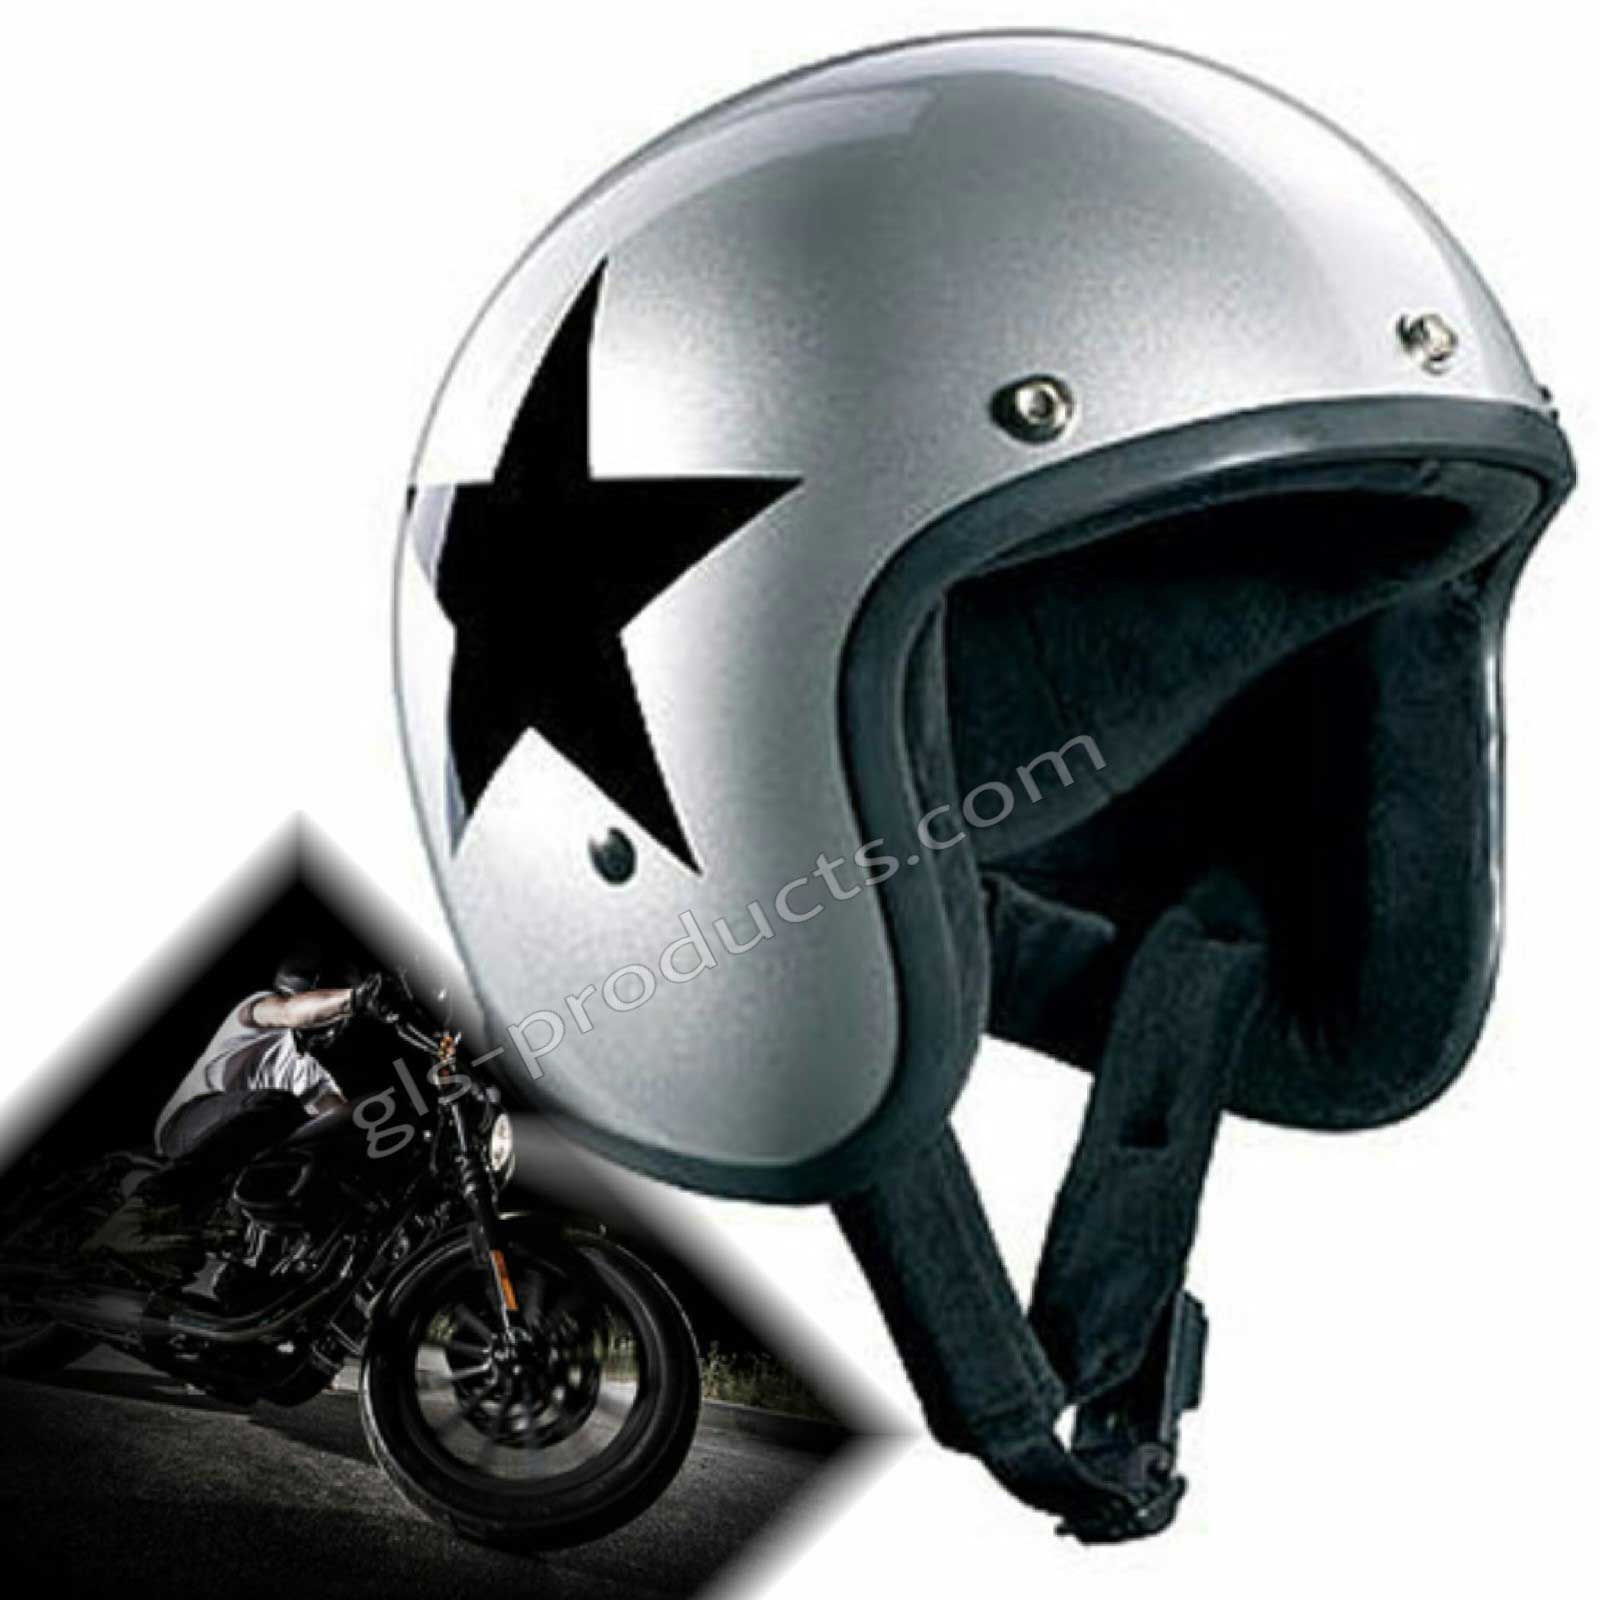 Bandit Star Silver Original Jet Helmet - Silver Motorcycle Helmet